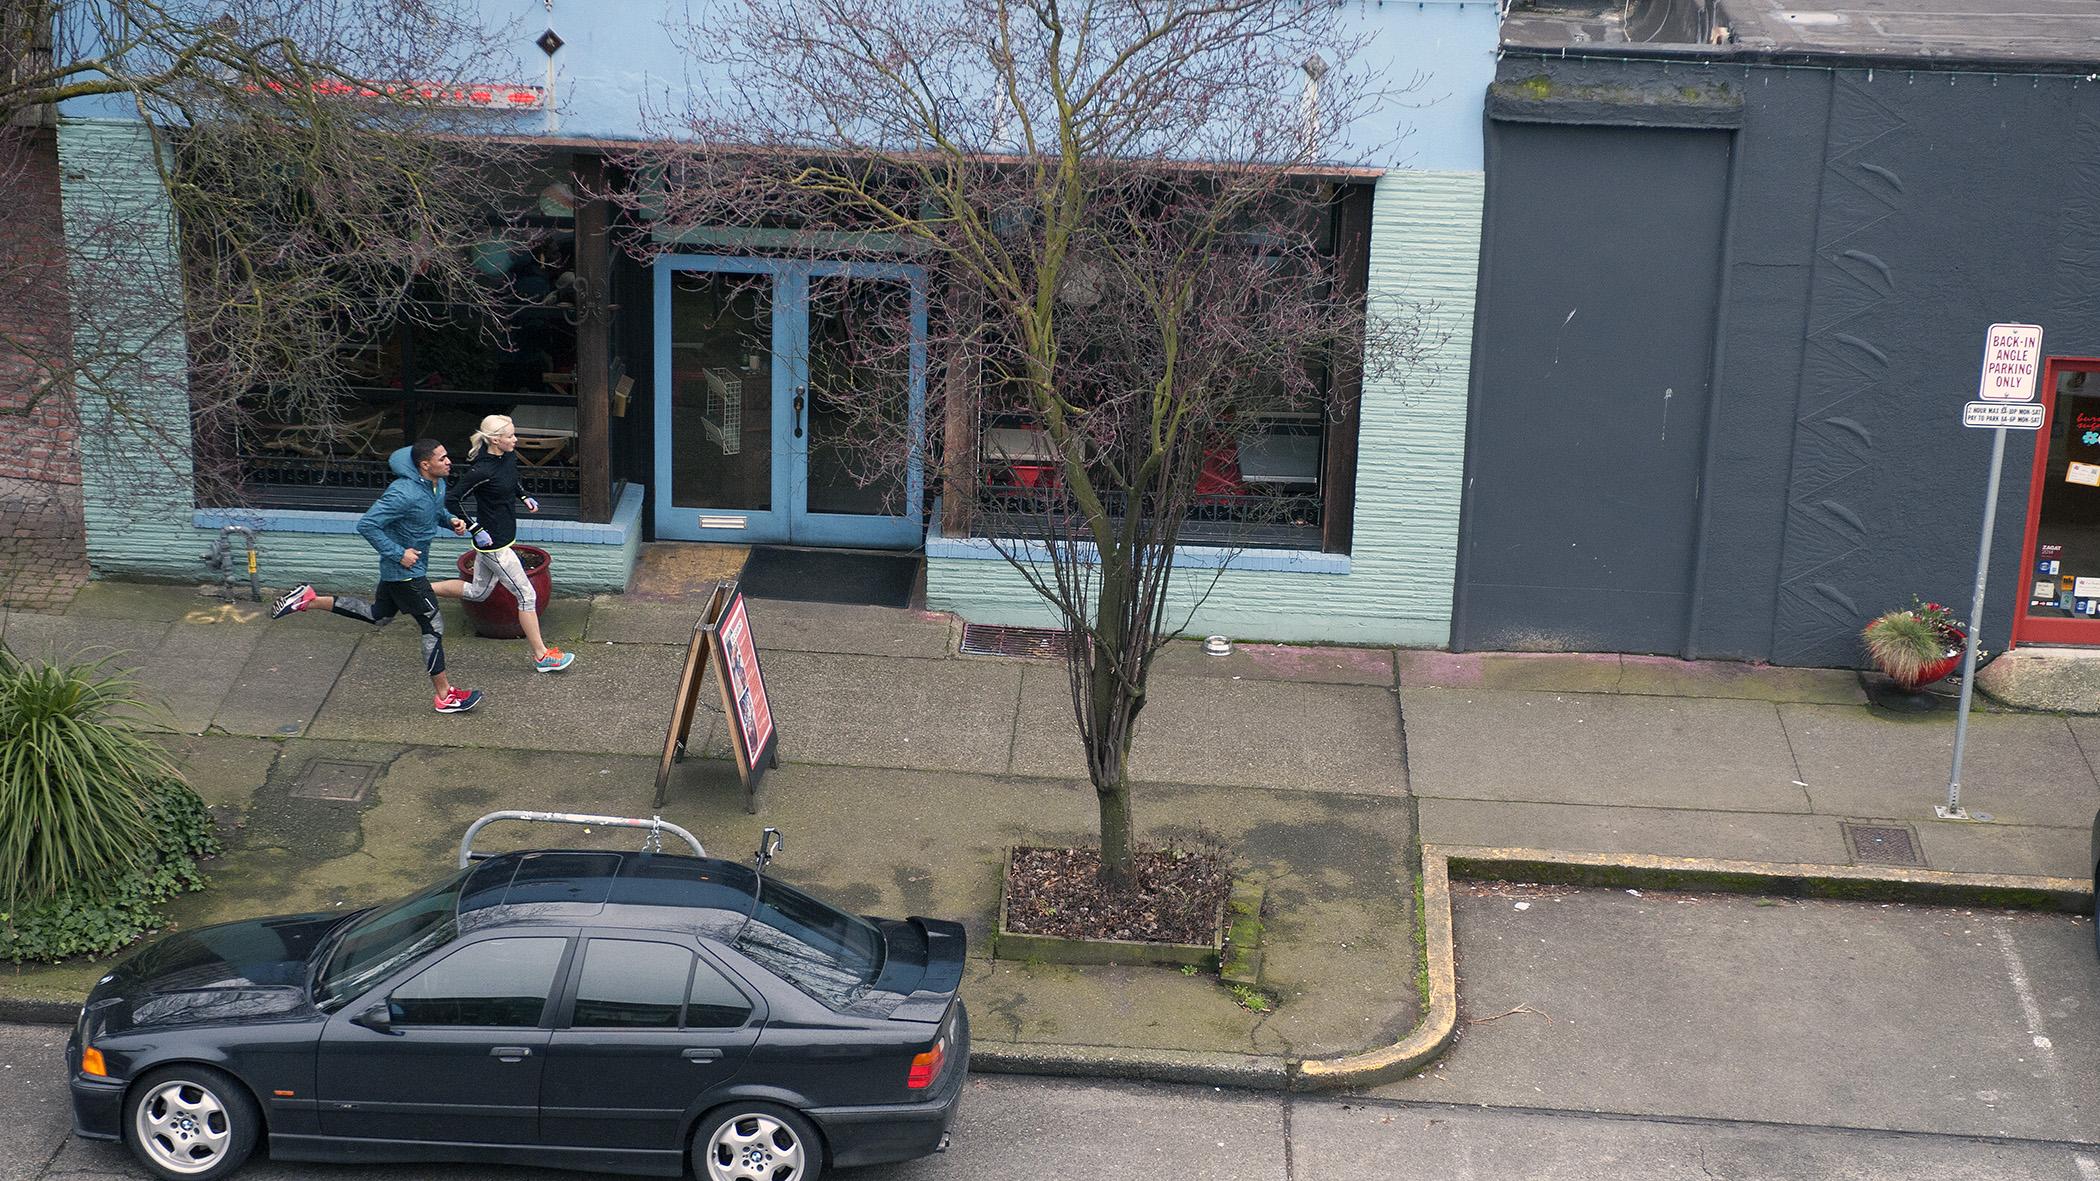 021514_Seattle_1037 copy.jpg